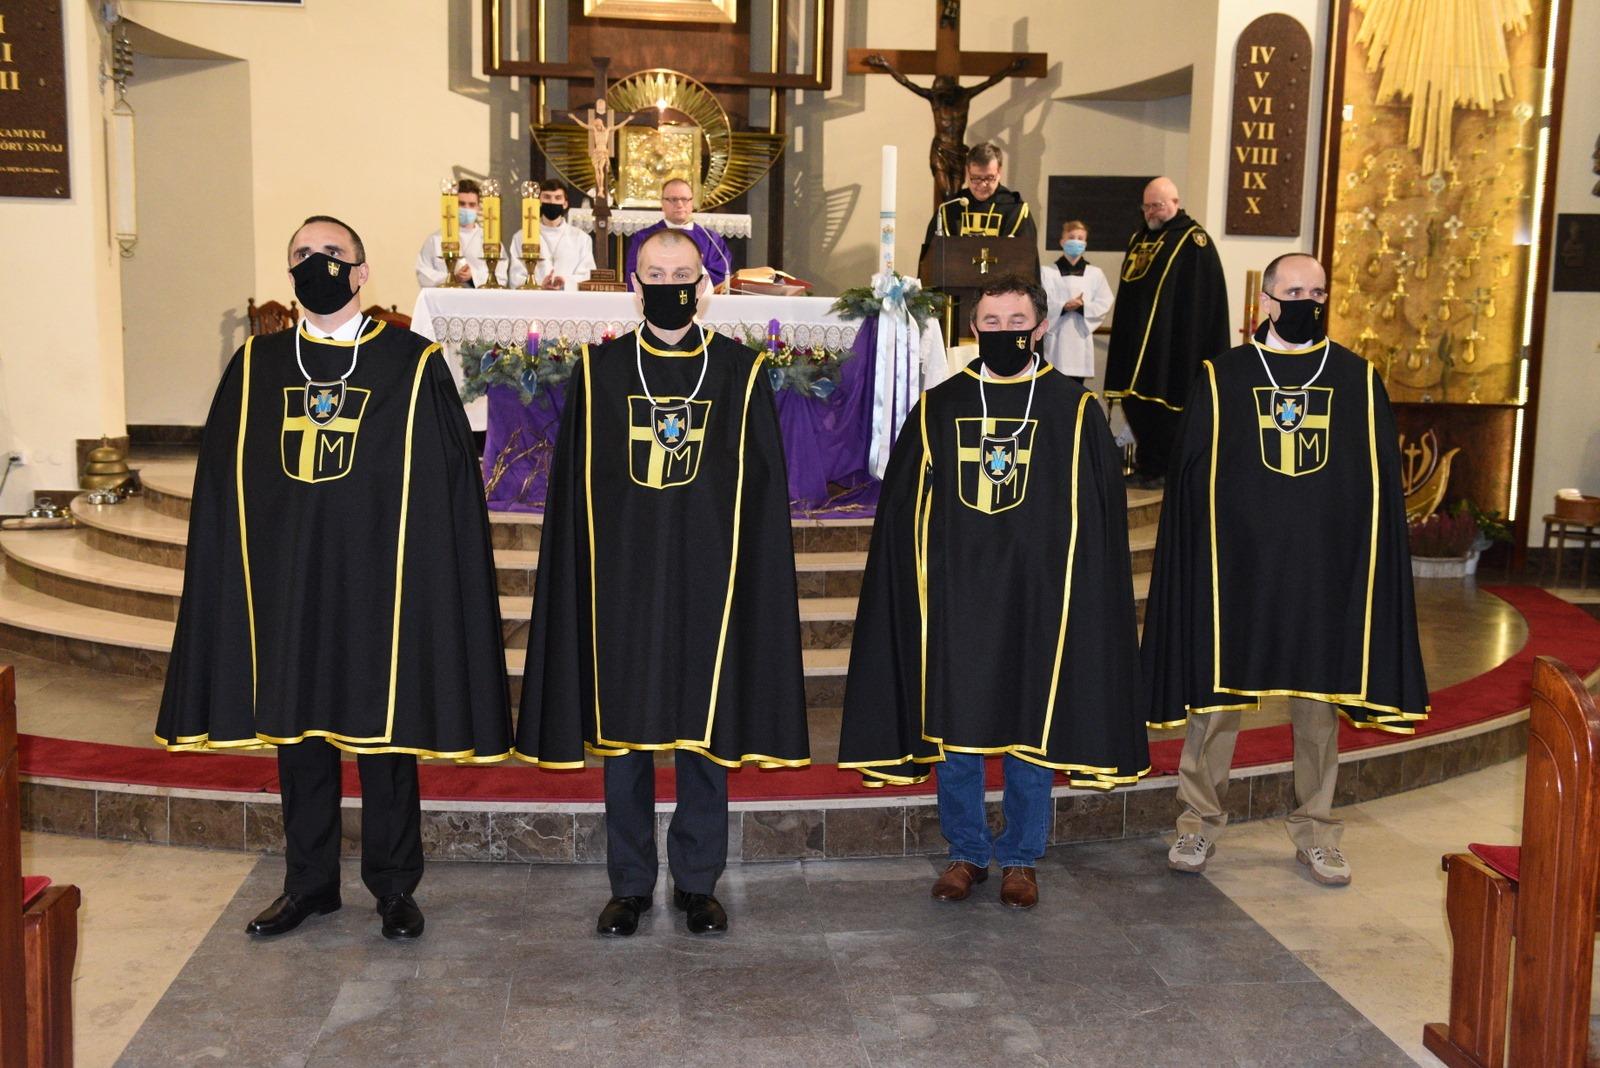 Zakon Rycerzy Jana Pawła II utworzył chorągiew na Podkarpaciu - Zdjęcie główne